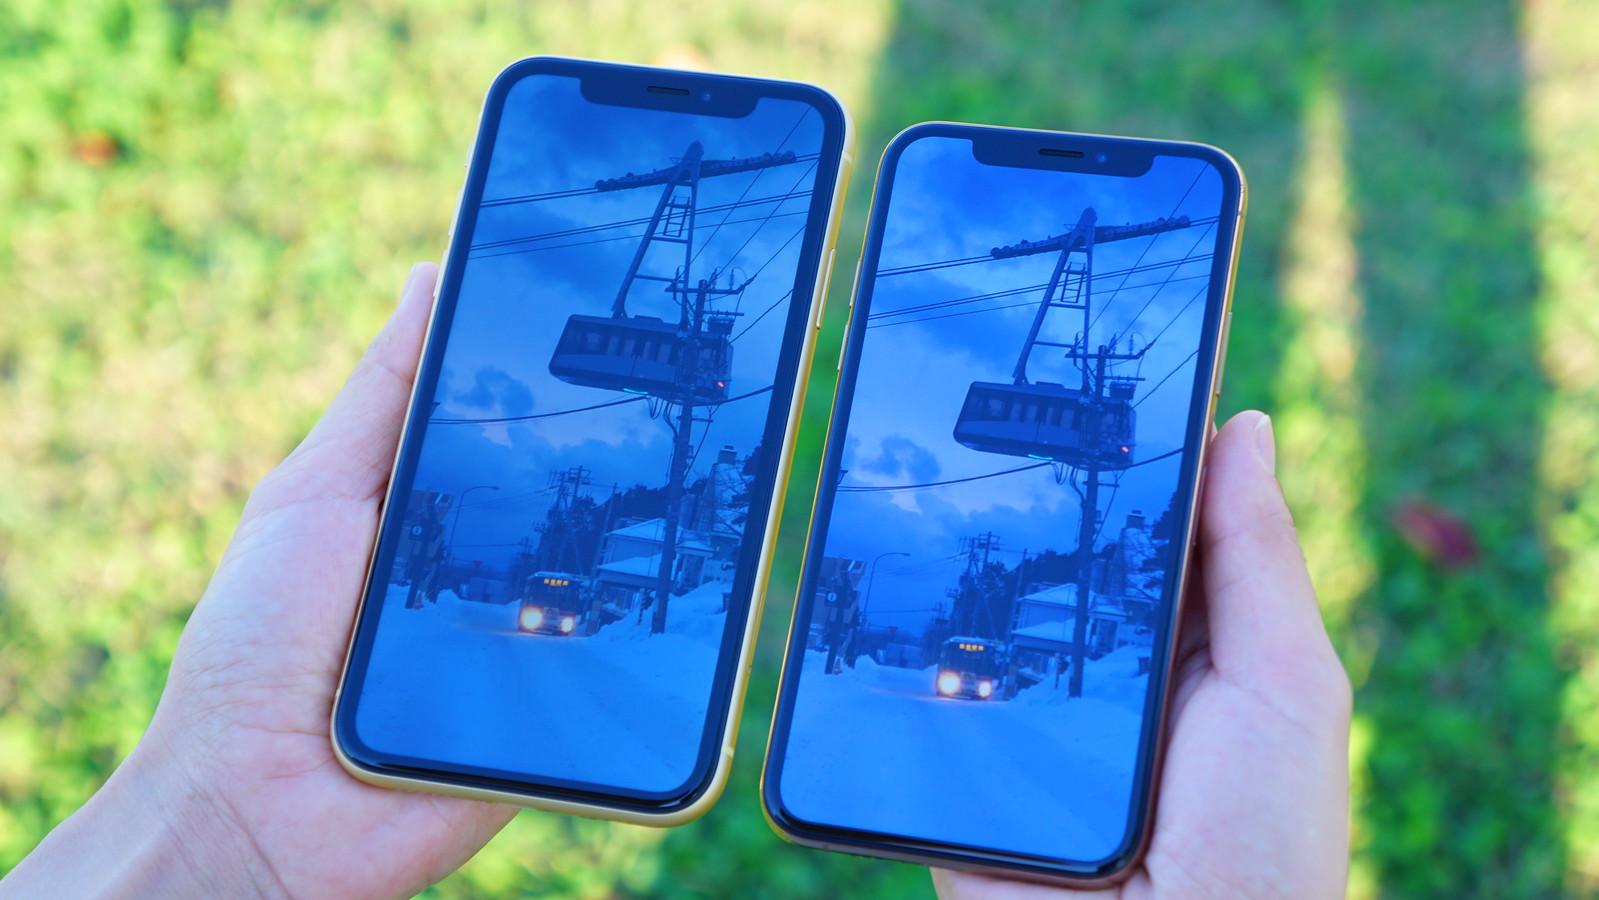 iPhone 11・11 Pro・11 Maxの違いを比較 - ディスプレイ